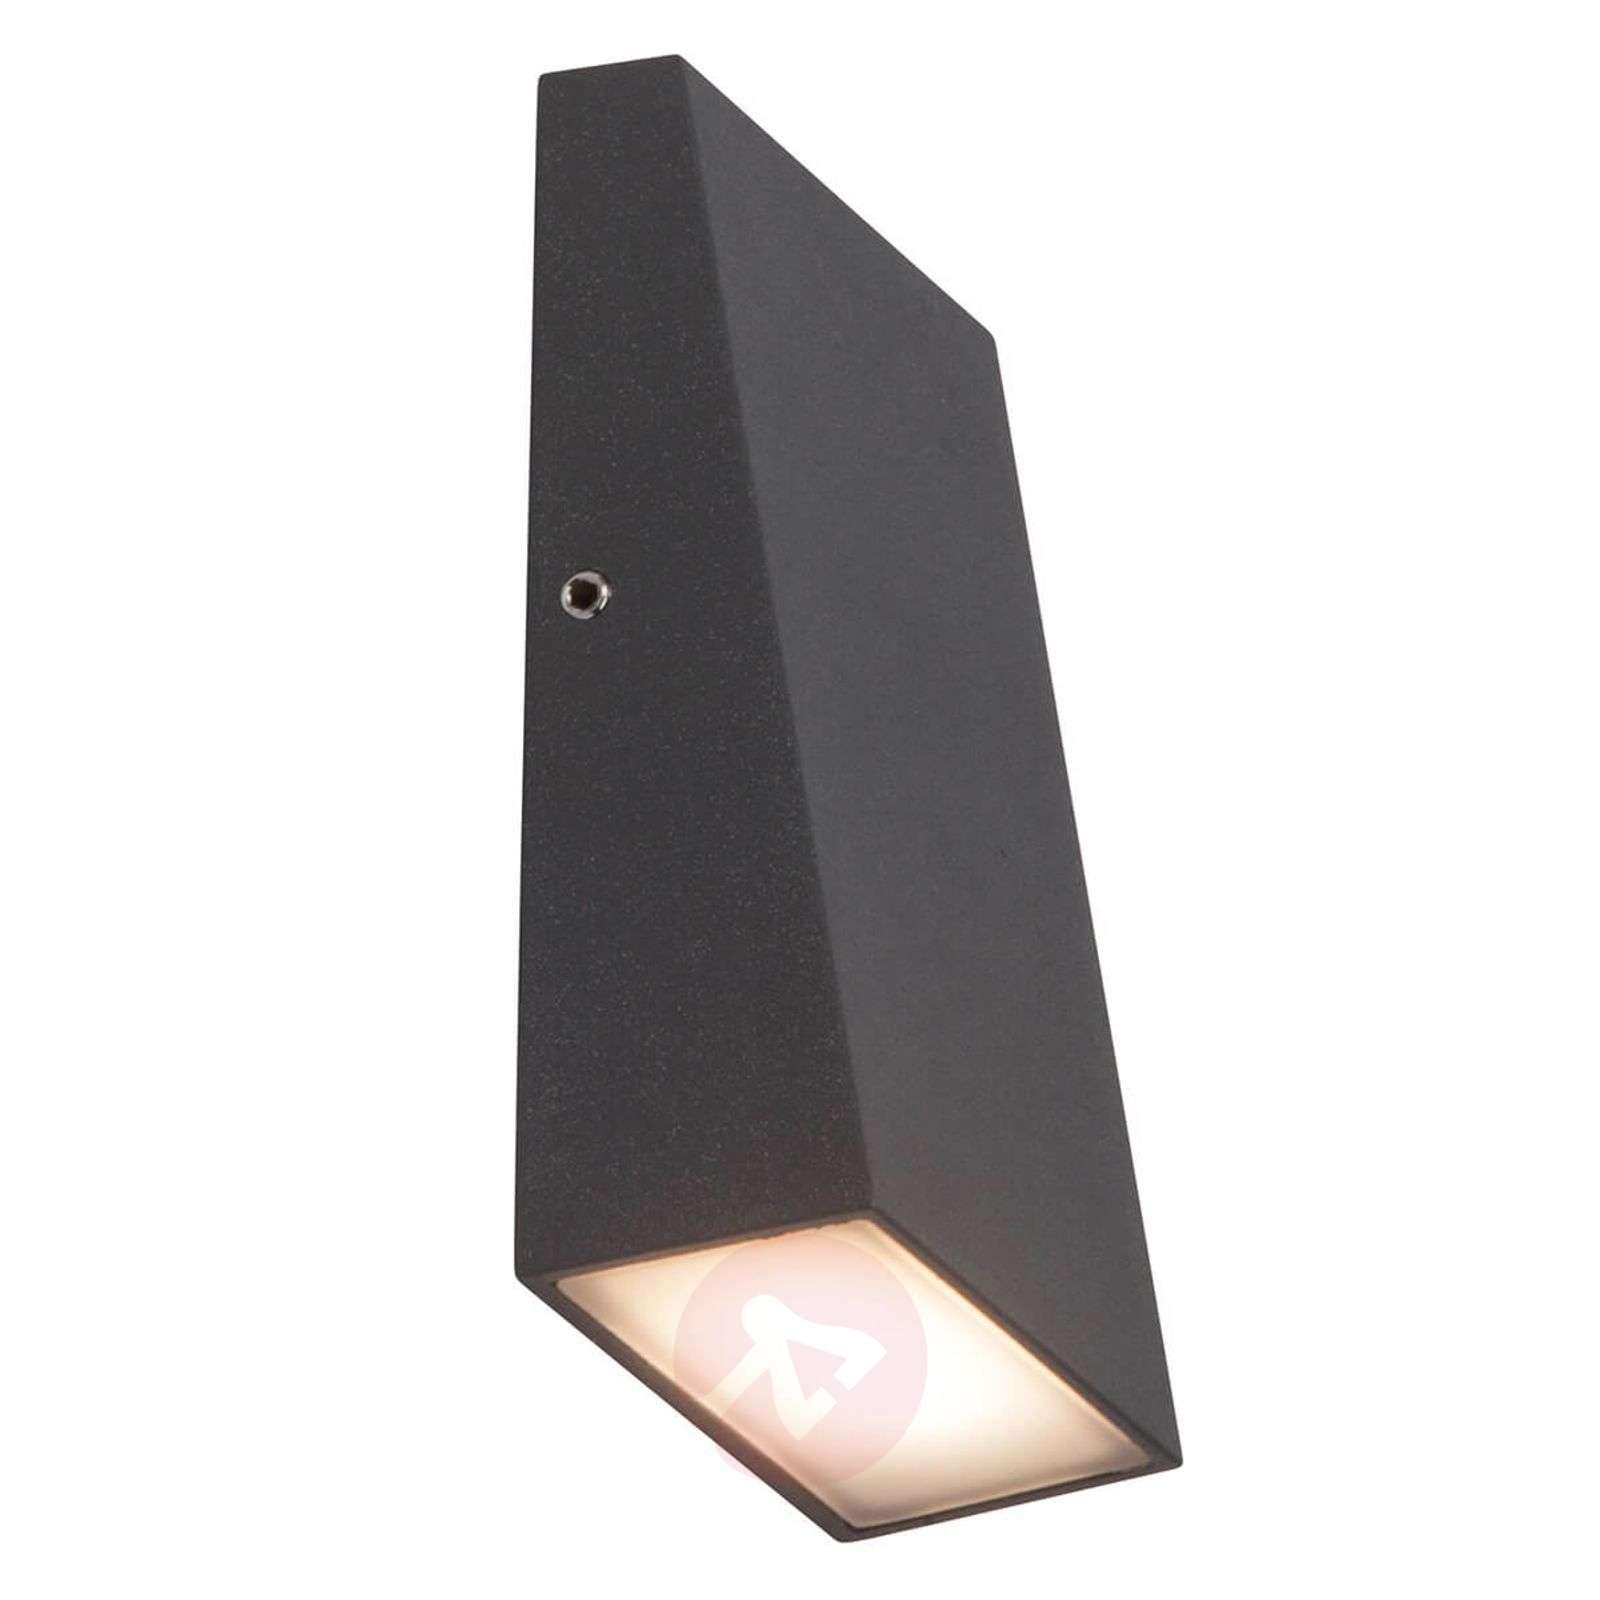 Tivana LED-ulkoseinälamppu nanopinnoitteella-3057125-01